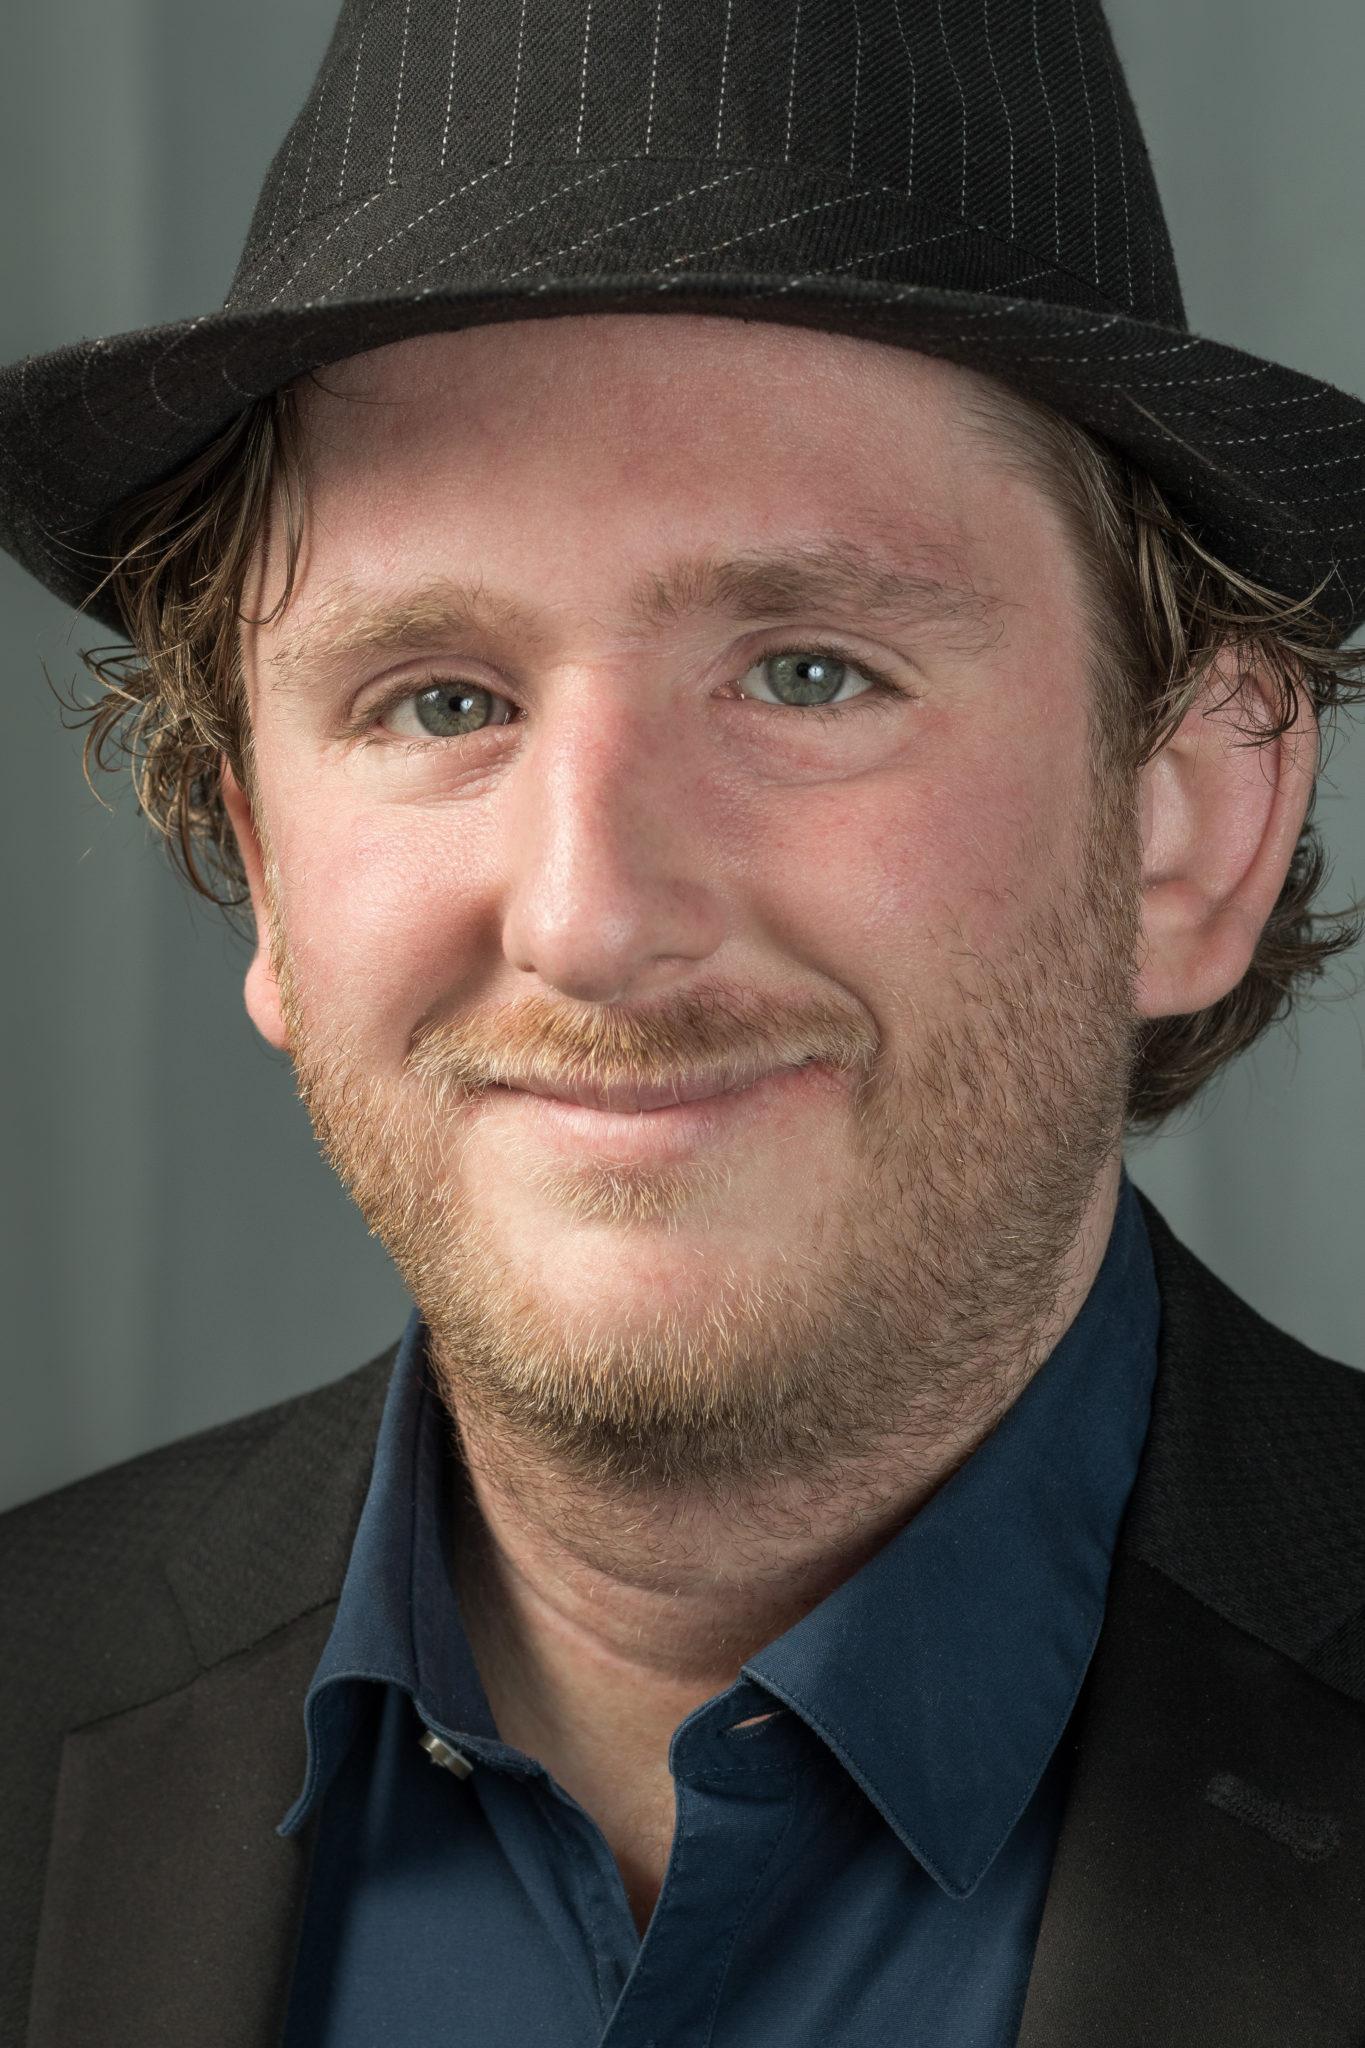 Mark Kirkenier